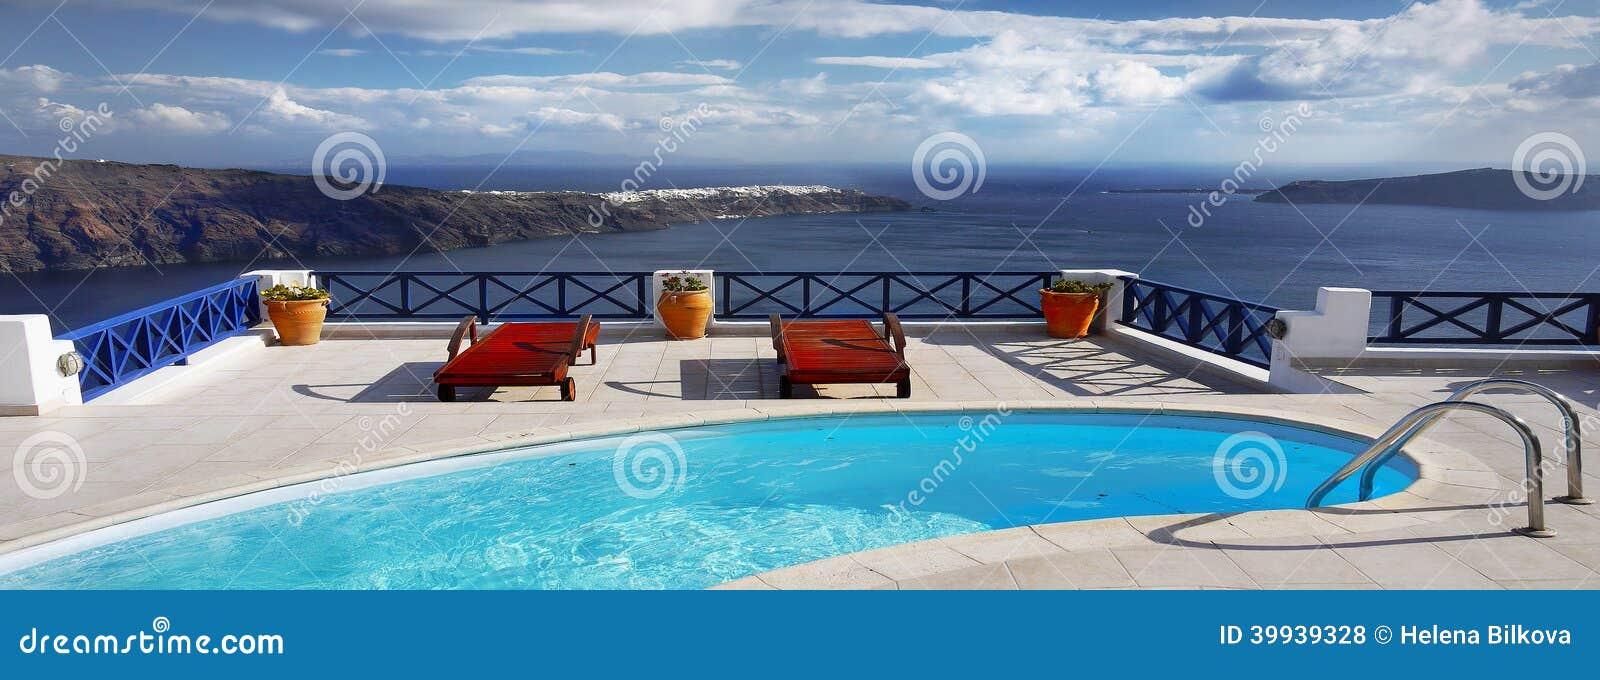 Chodnikowa zdroju Pływackiego basenu relaksu terapia